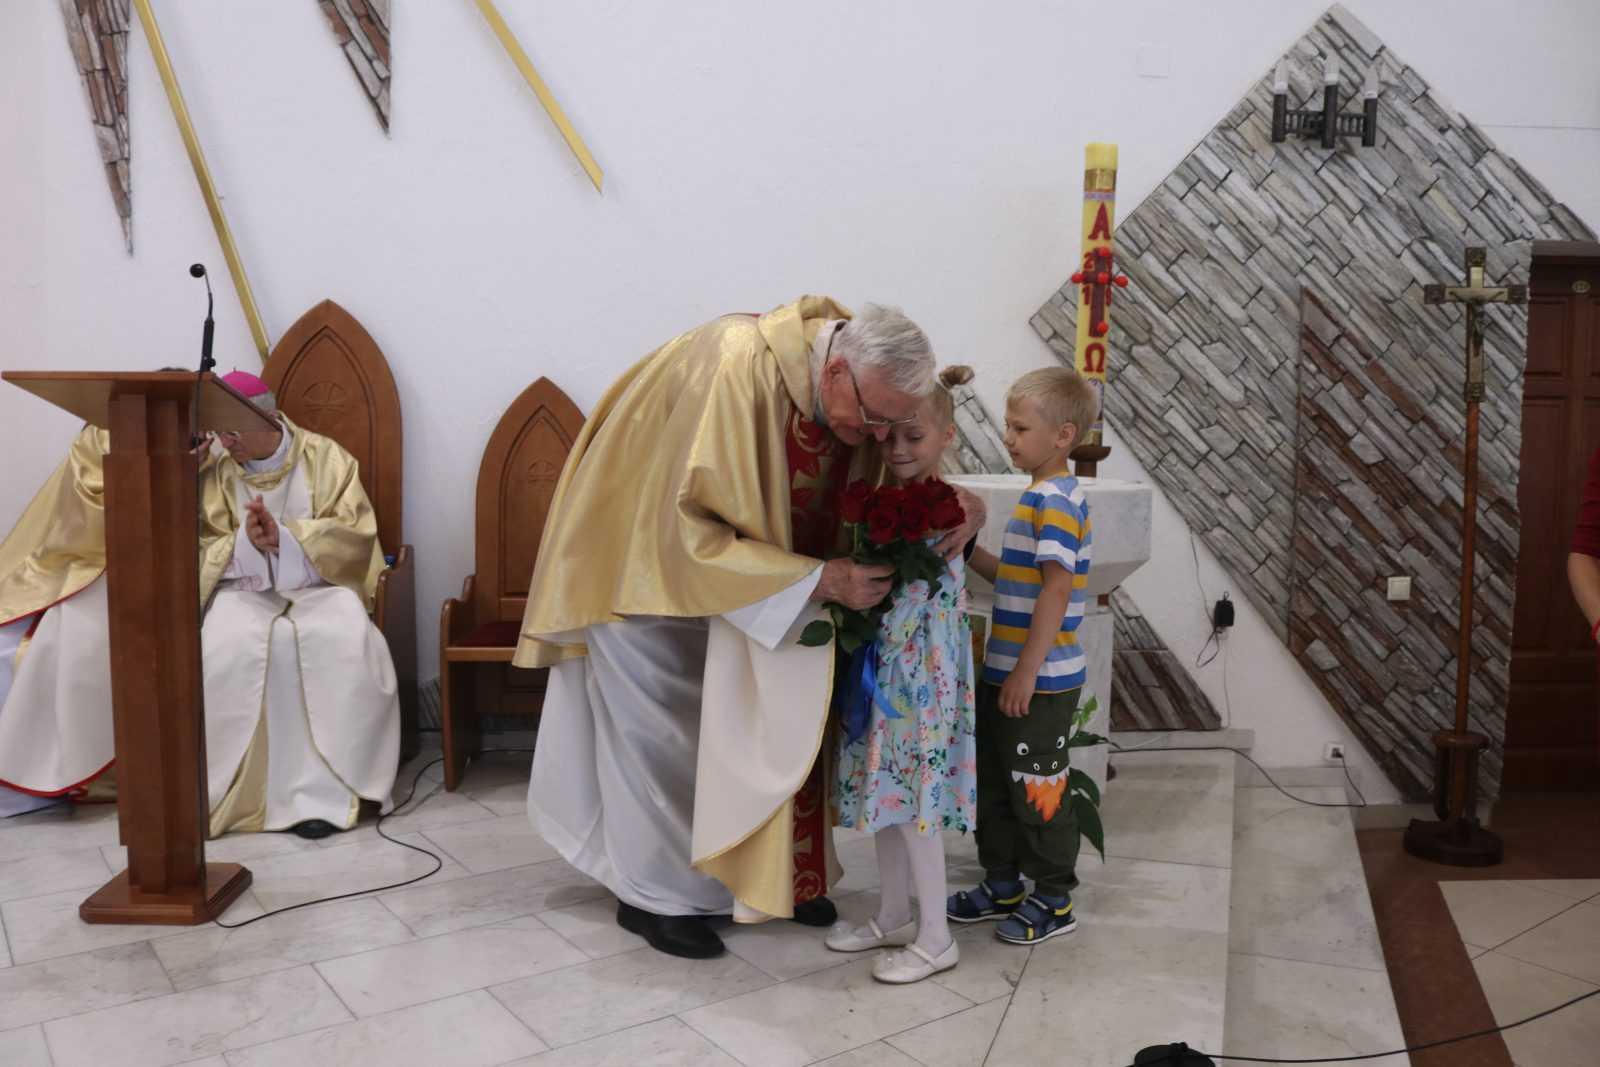 23 июня 2019 Влалыка Иосиф Верт посетил приход в Кемерово 9